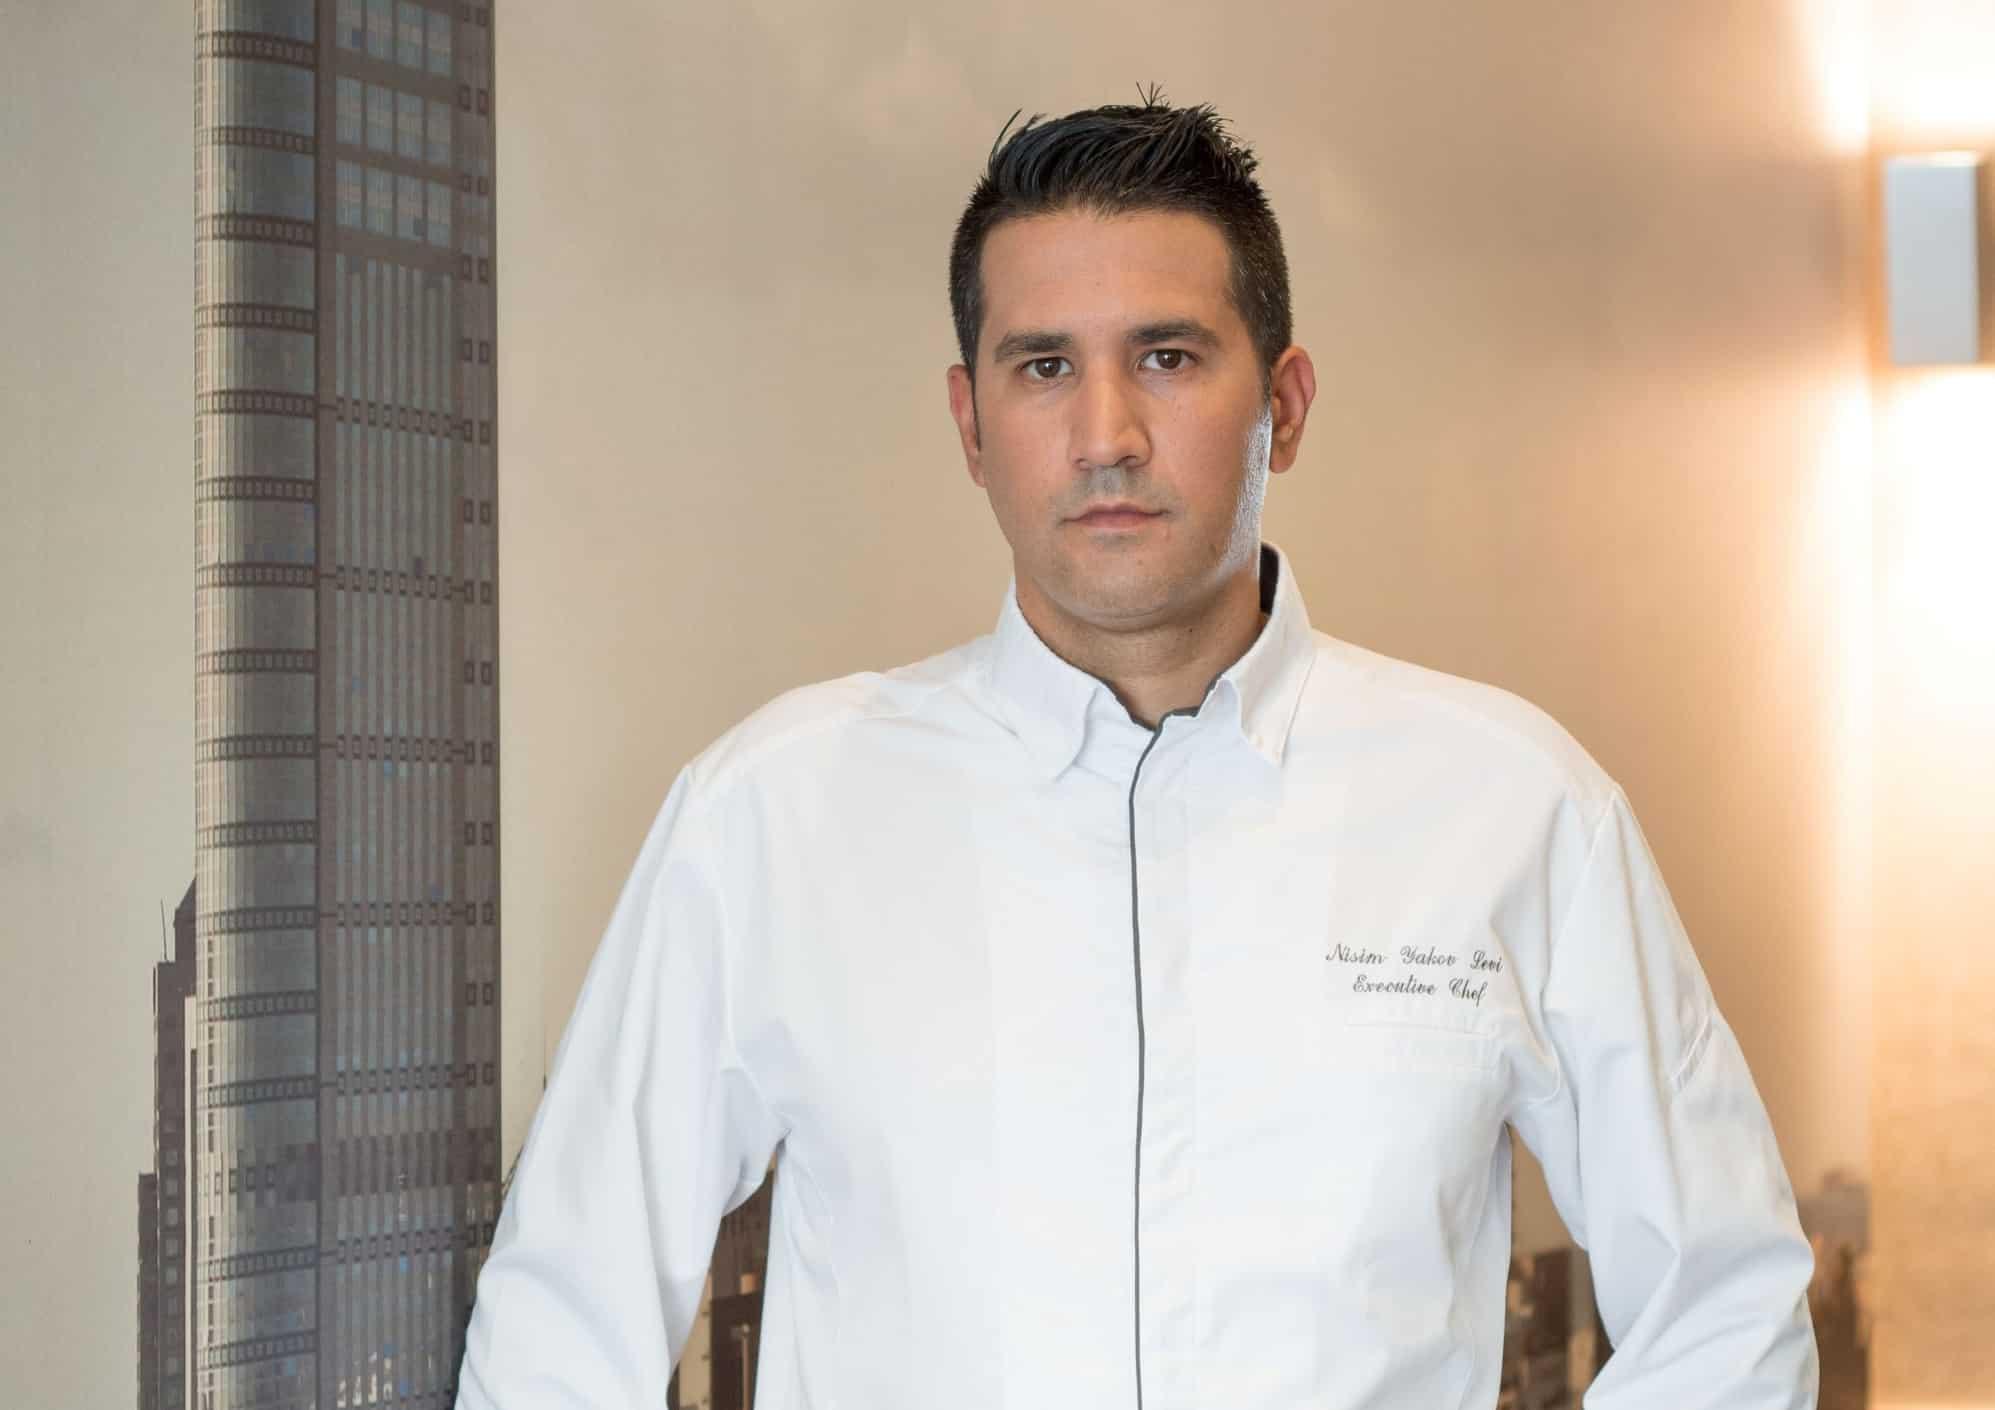 שף ניסים יעקב לוי - שף ראשי רשת מלונות רימונים. צלם אנטולי מיכאל (2)